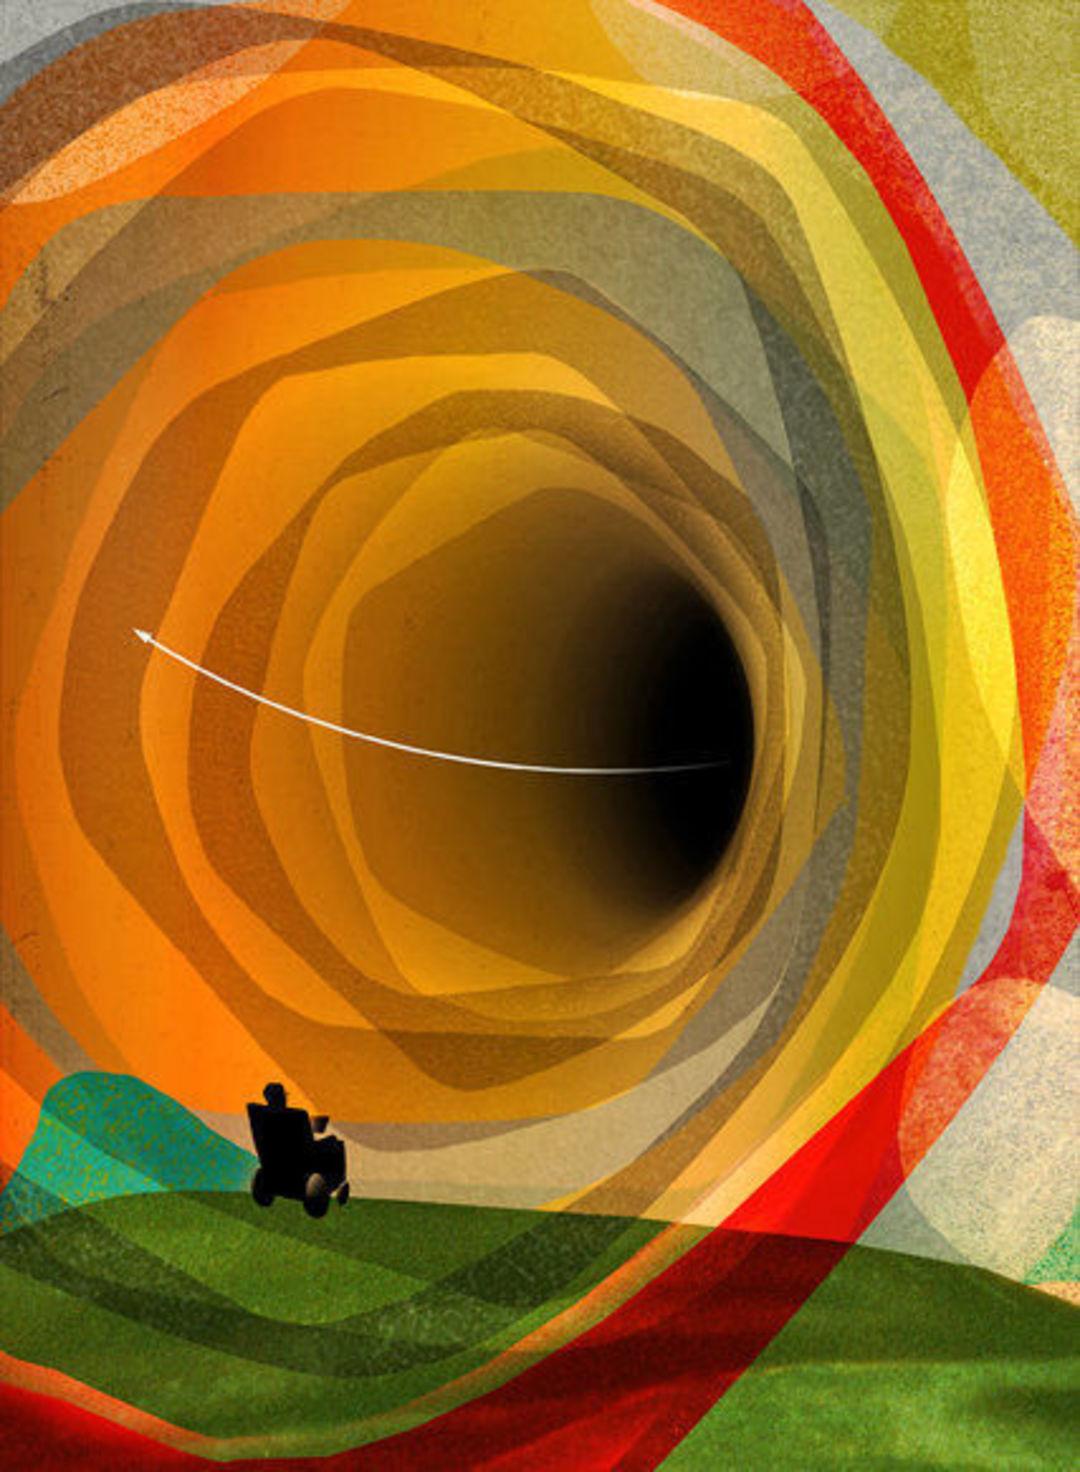 霍金说,我们并非无法逃离黑洞_智能_好奇心日报